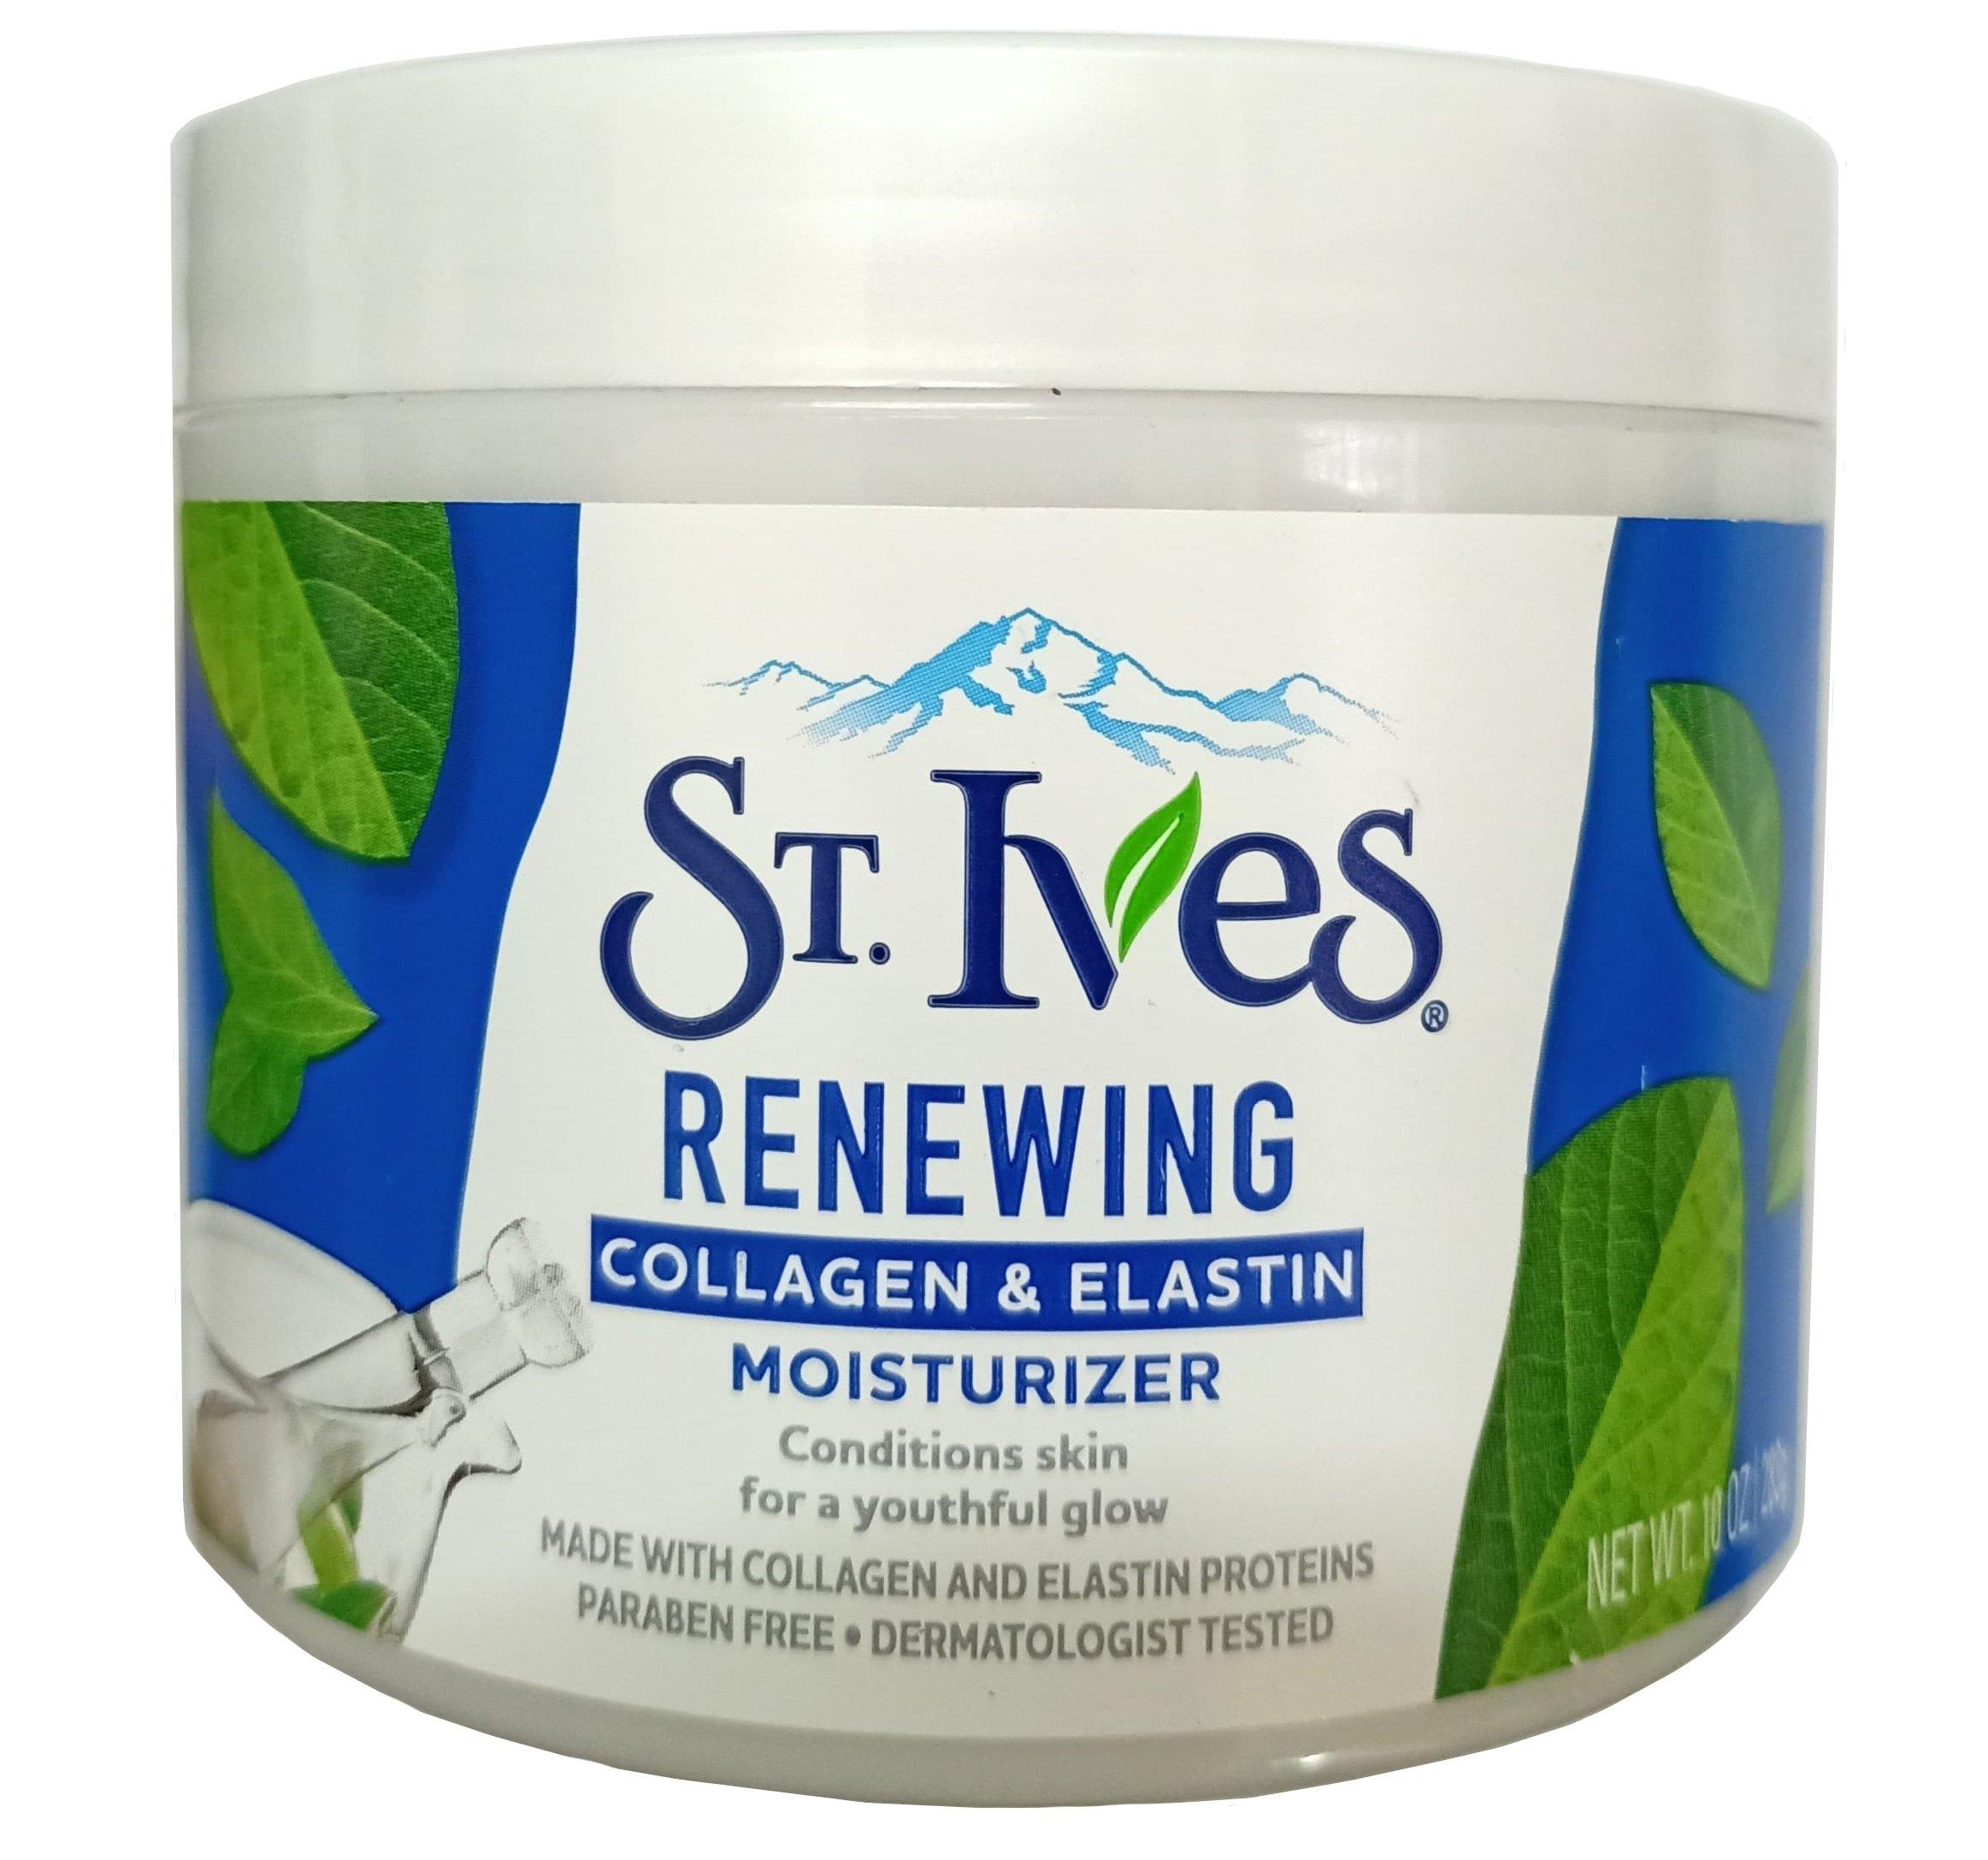 Kem Dưỡng Ẩm ST.IVES Collagen 283g nằm trong top Best Seller trên các trang mua bán hàng đầu tại Mỹ